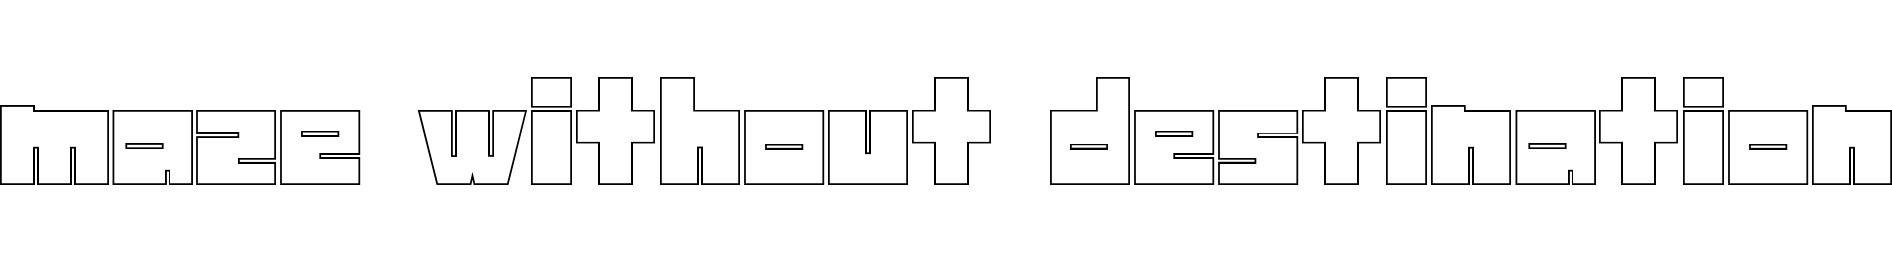 maze without destination